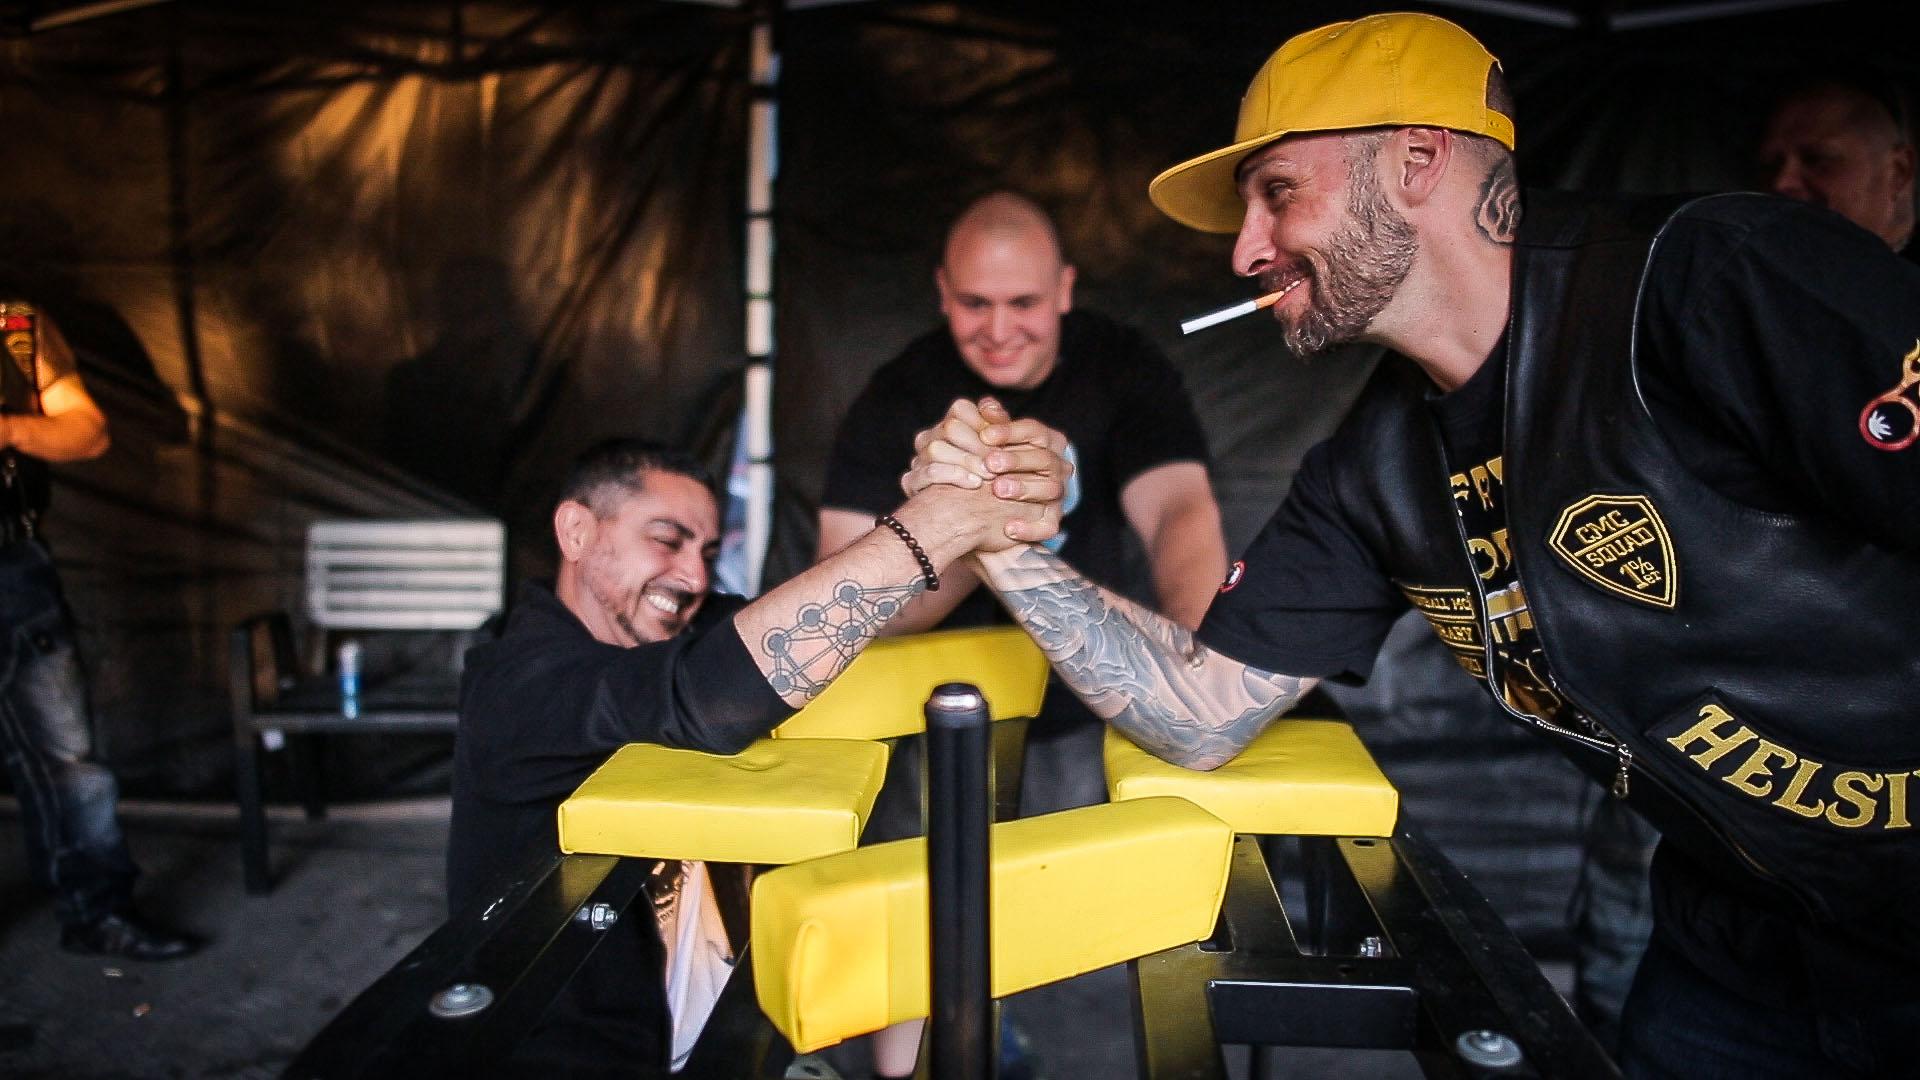 Arman Alizad vääntää kättä Cannonball-moottoripyöräkerhon jäsenen kanssa.